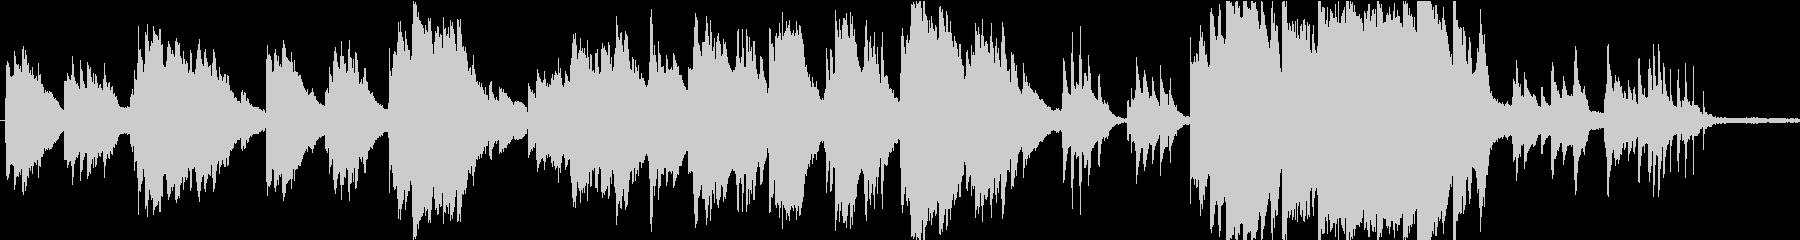 優しく切ないメロディックなピアノ曲の未再生の波形